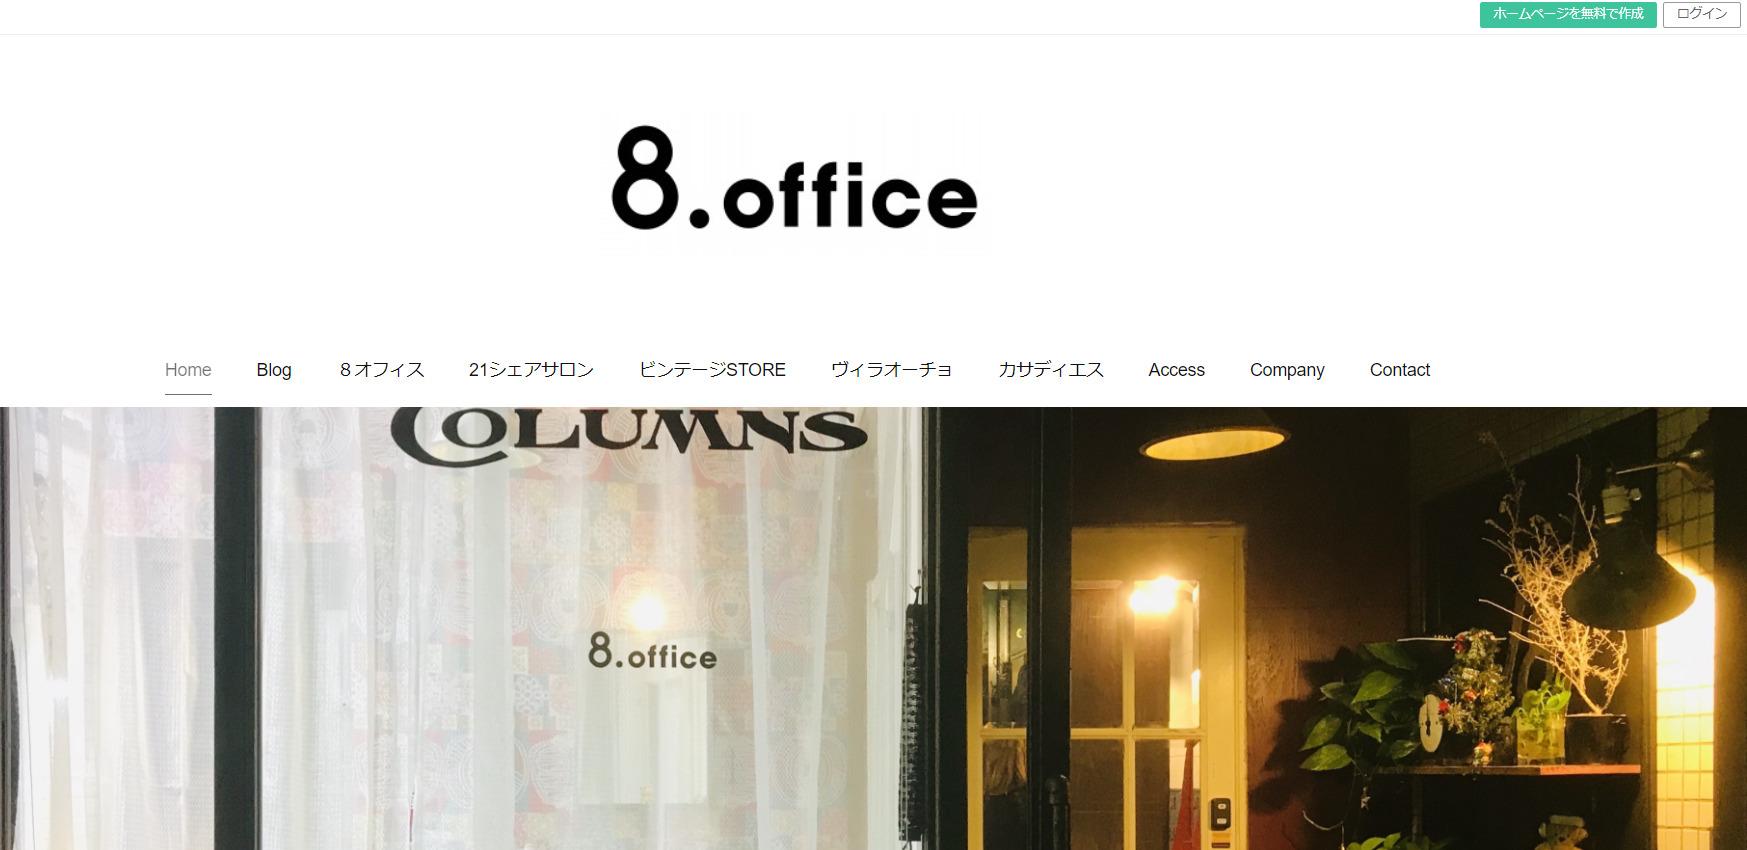 シェアオフィス 8.office